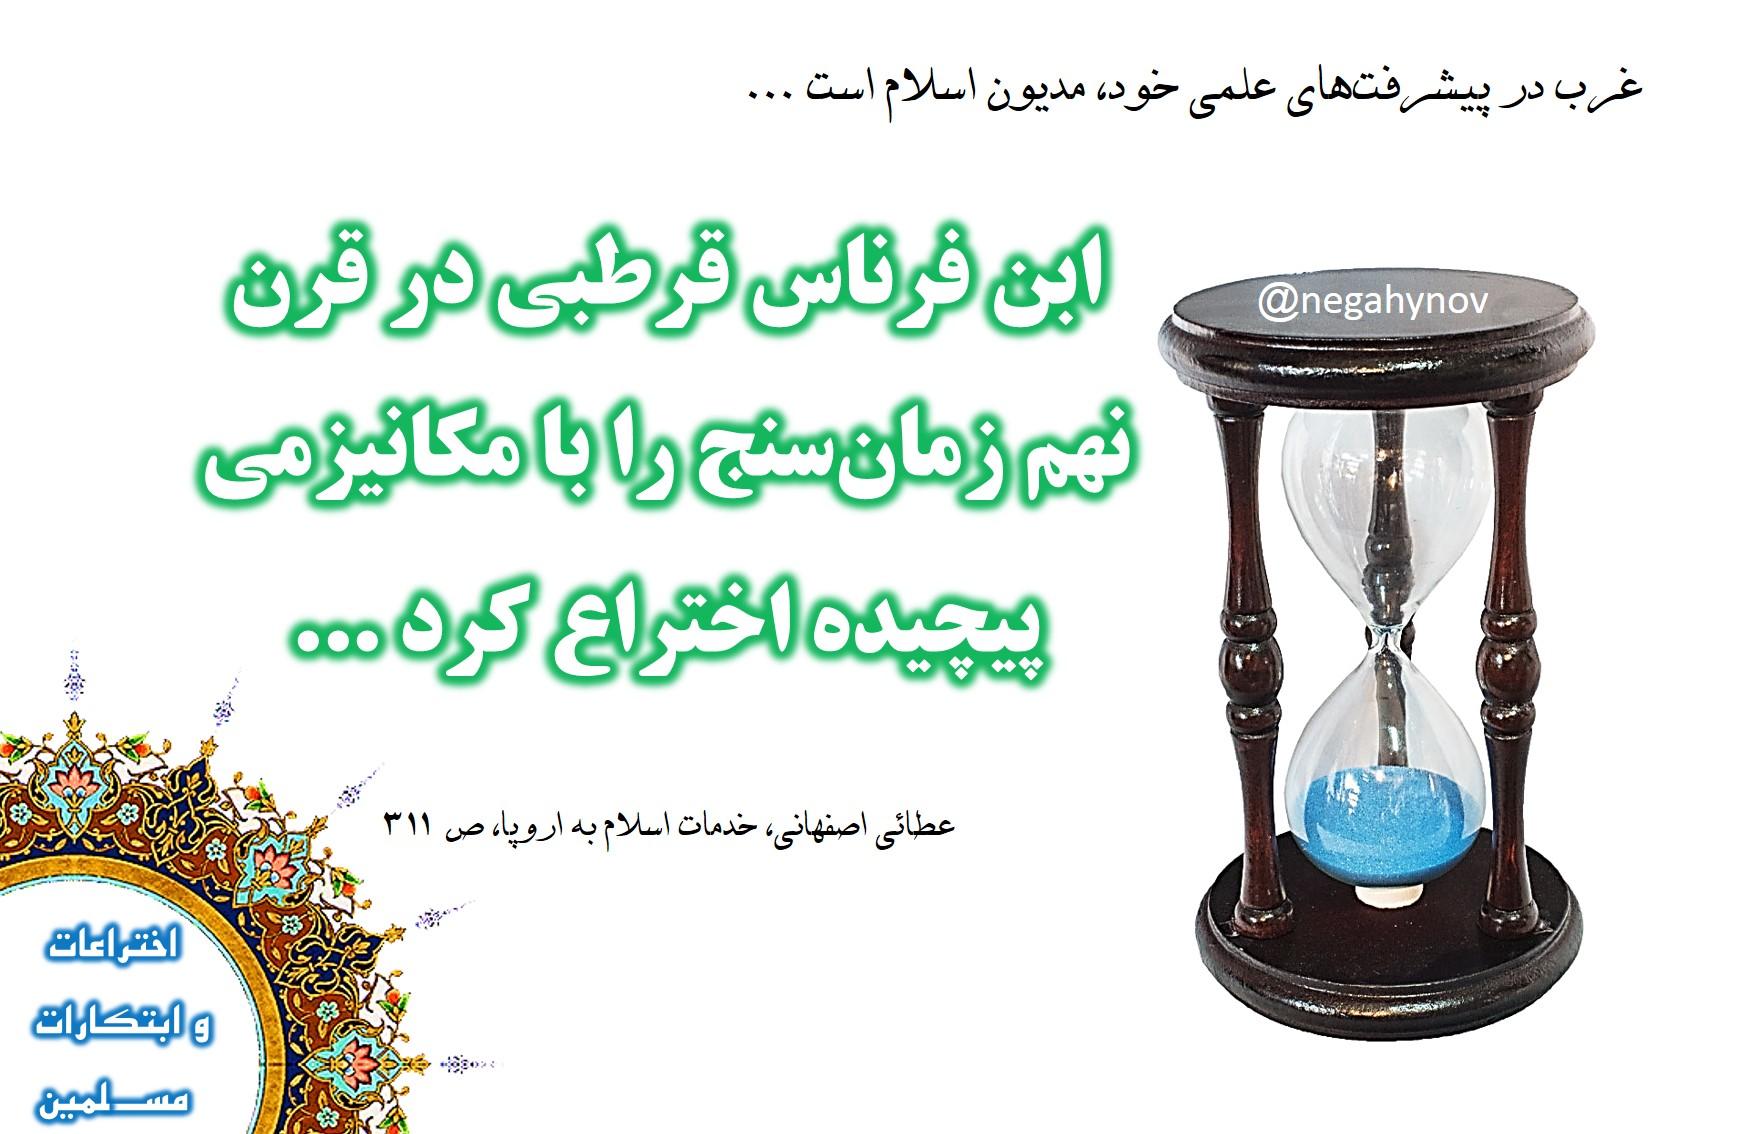 ابتکارات مسلمانان - زمان سنج - نگاهی نو